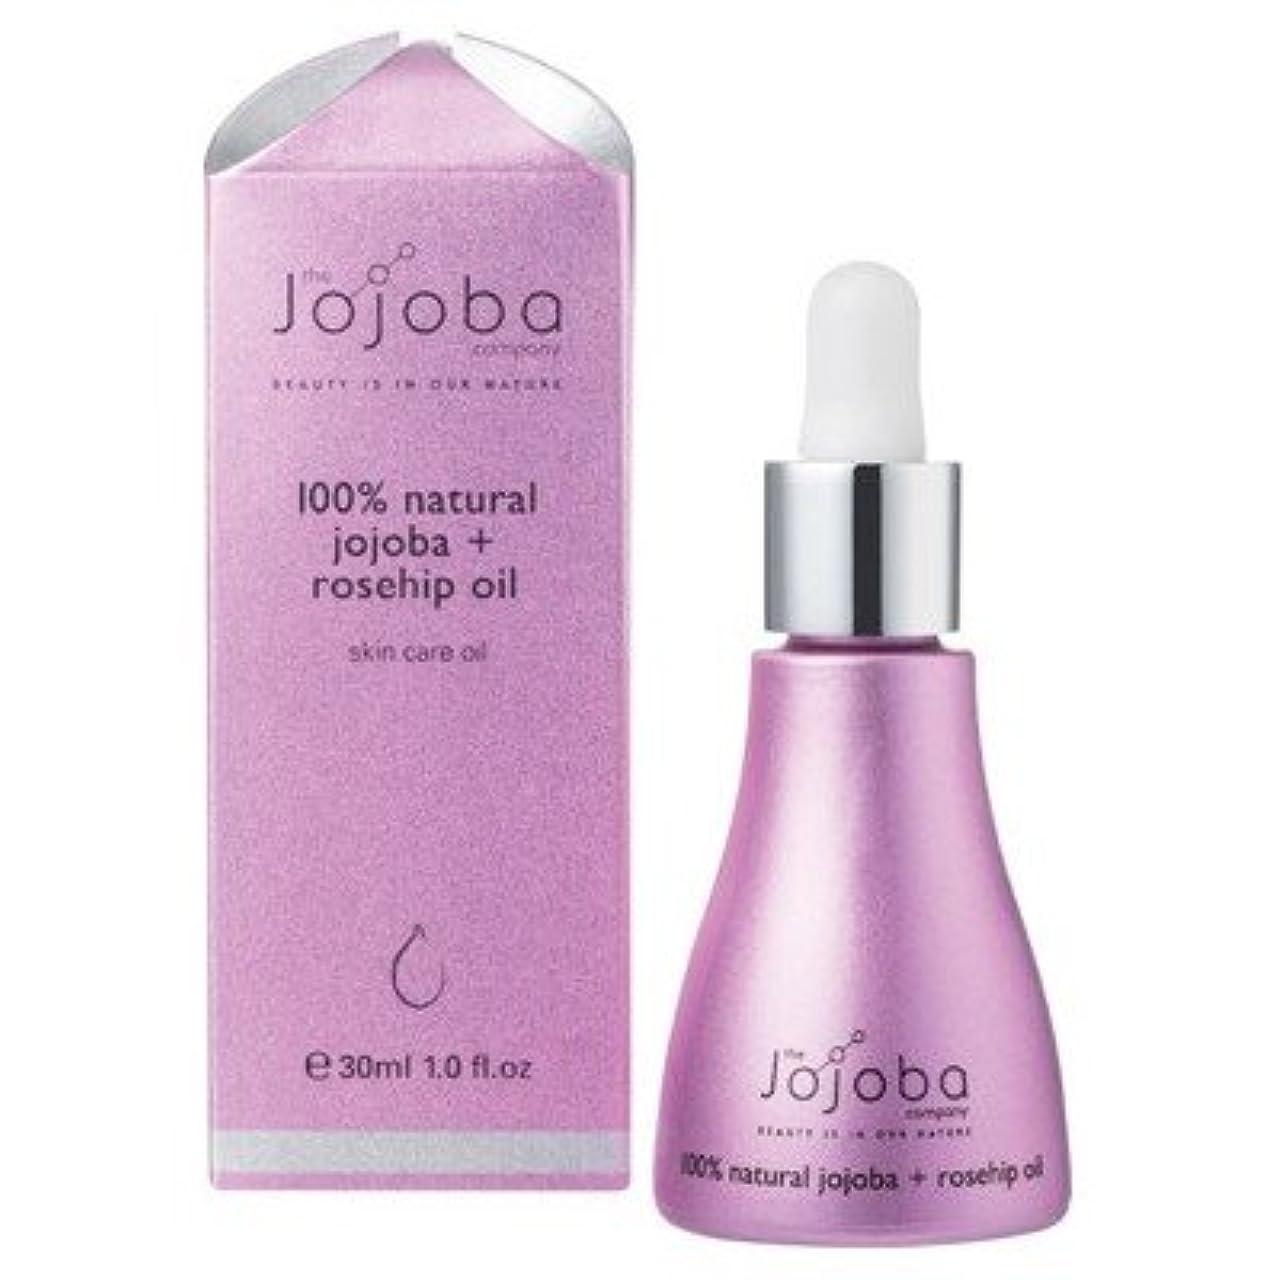 北極圏資本主義突き出すthe Jojoba Company 100% Natural Australian Jojoba Oil + Rosehip Oil ホホバ&ローズヒップブレンドオイル 30ml [海外直送品]